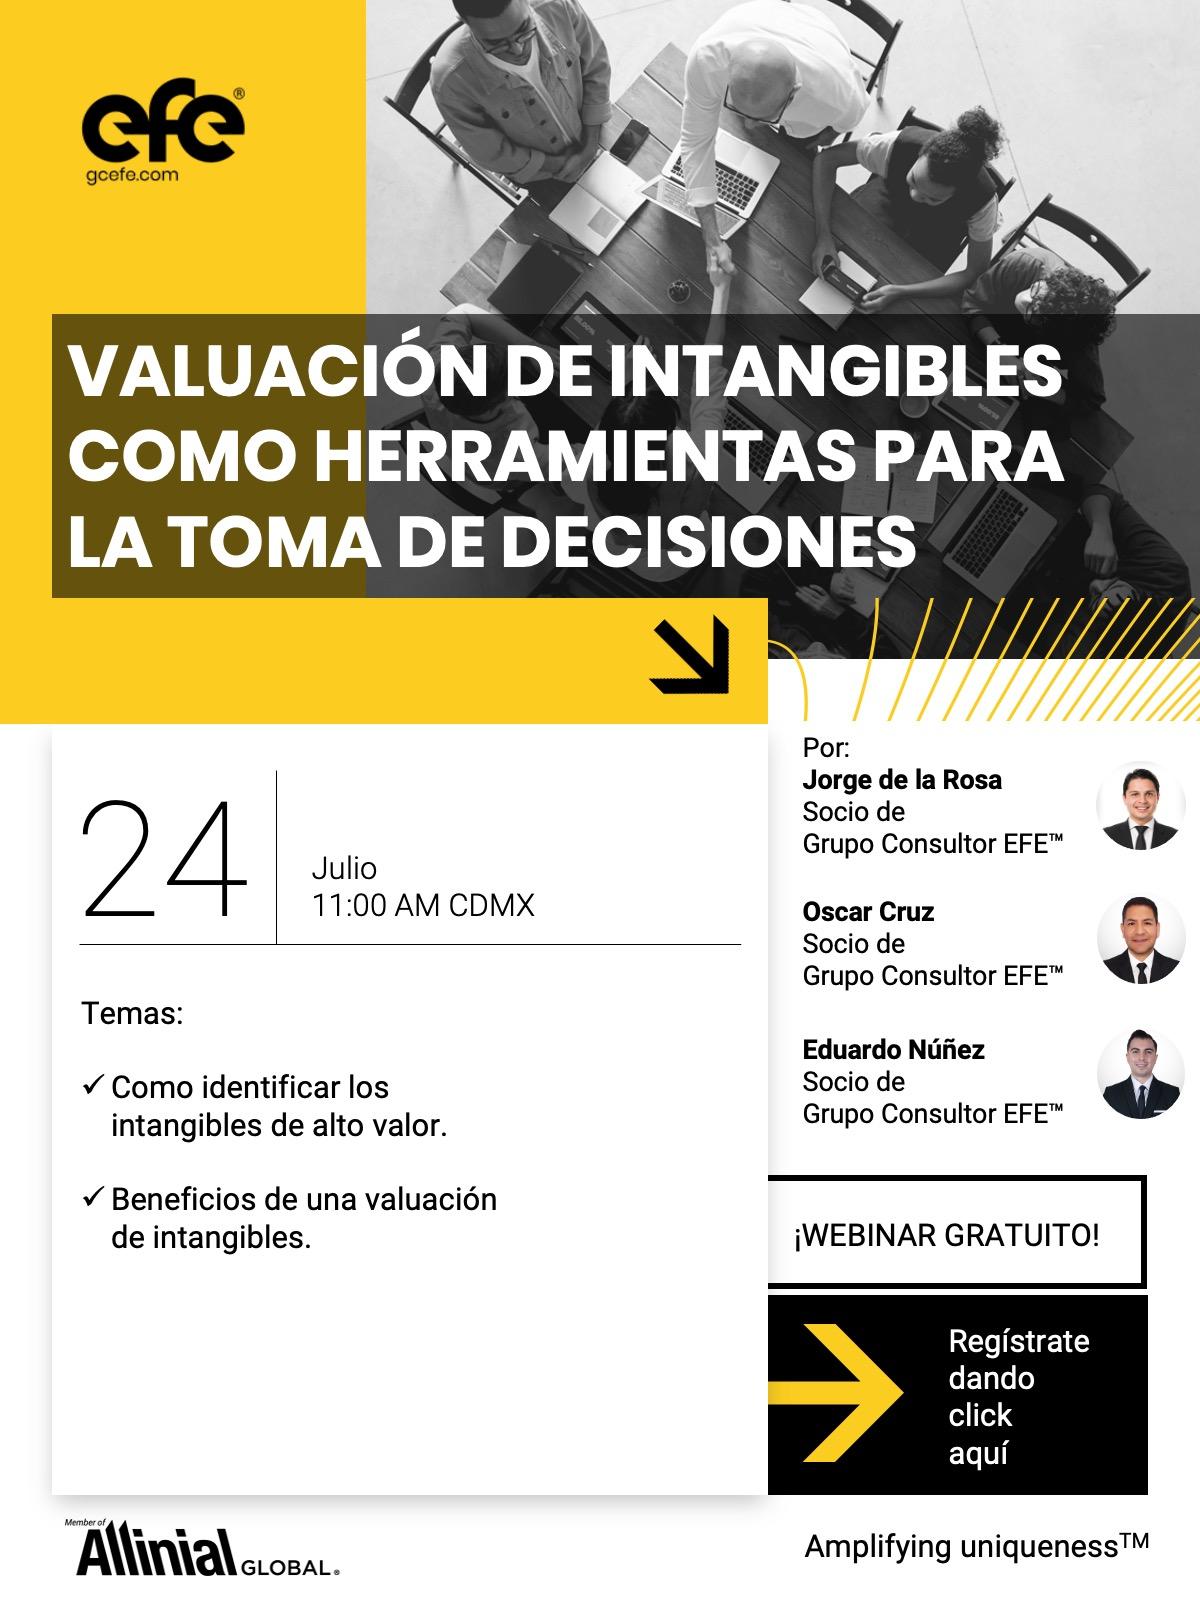 Valuación De Intangibles Como Herramienta Para La Toma De Decisiones.